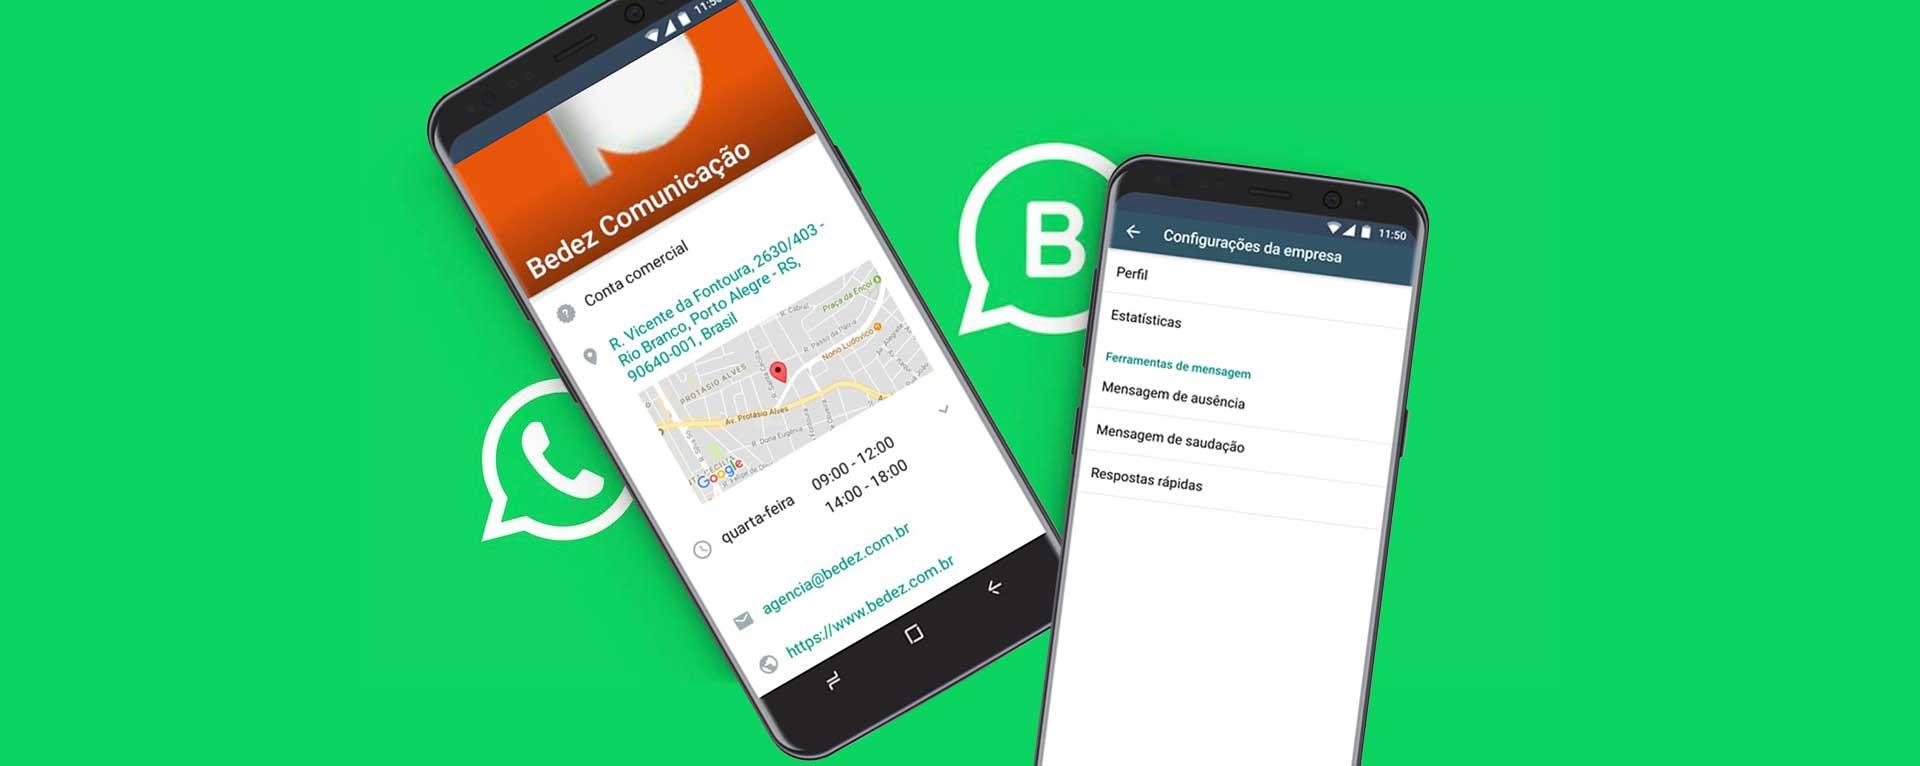 whatsapp business para negócios como funciona